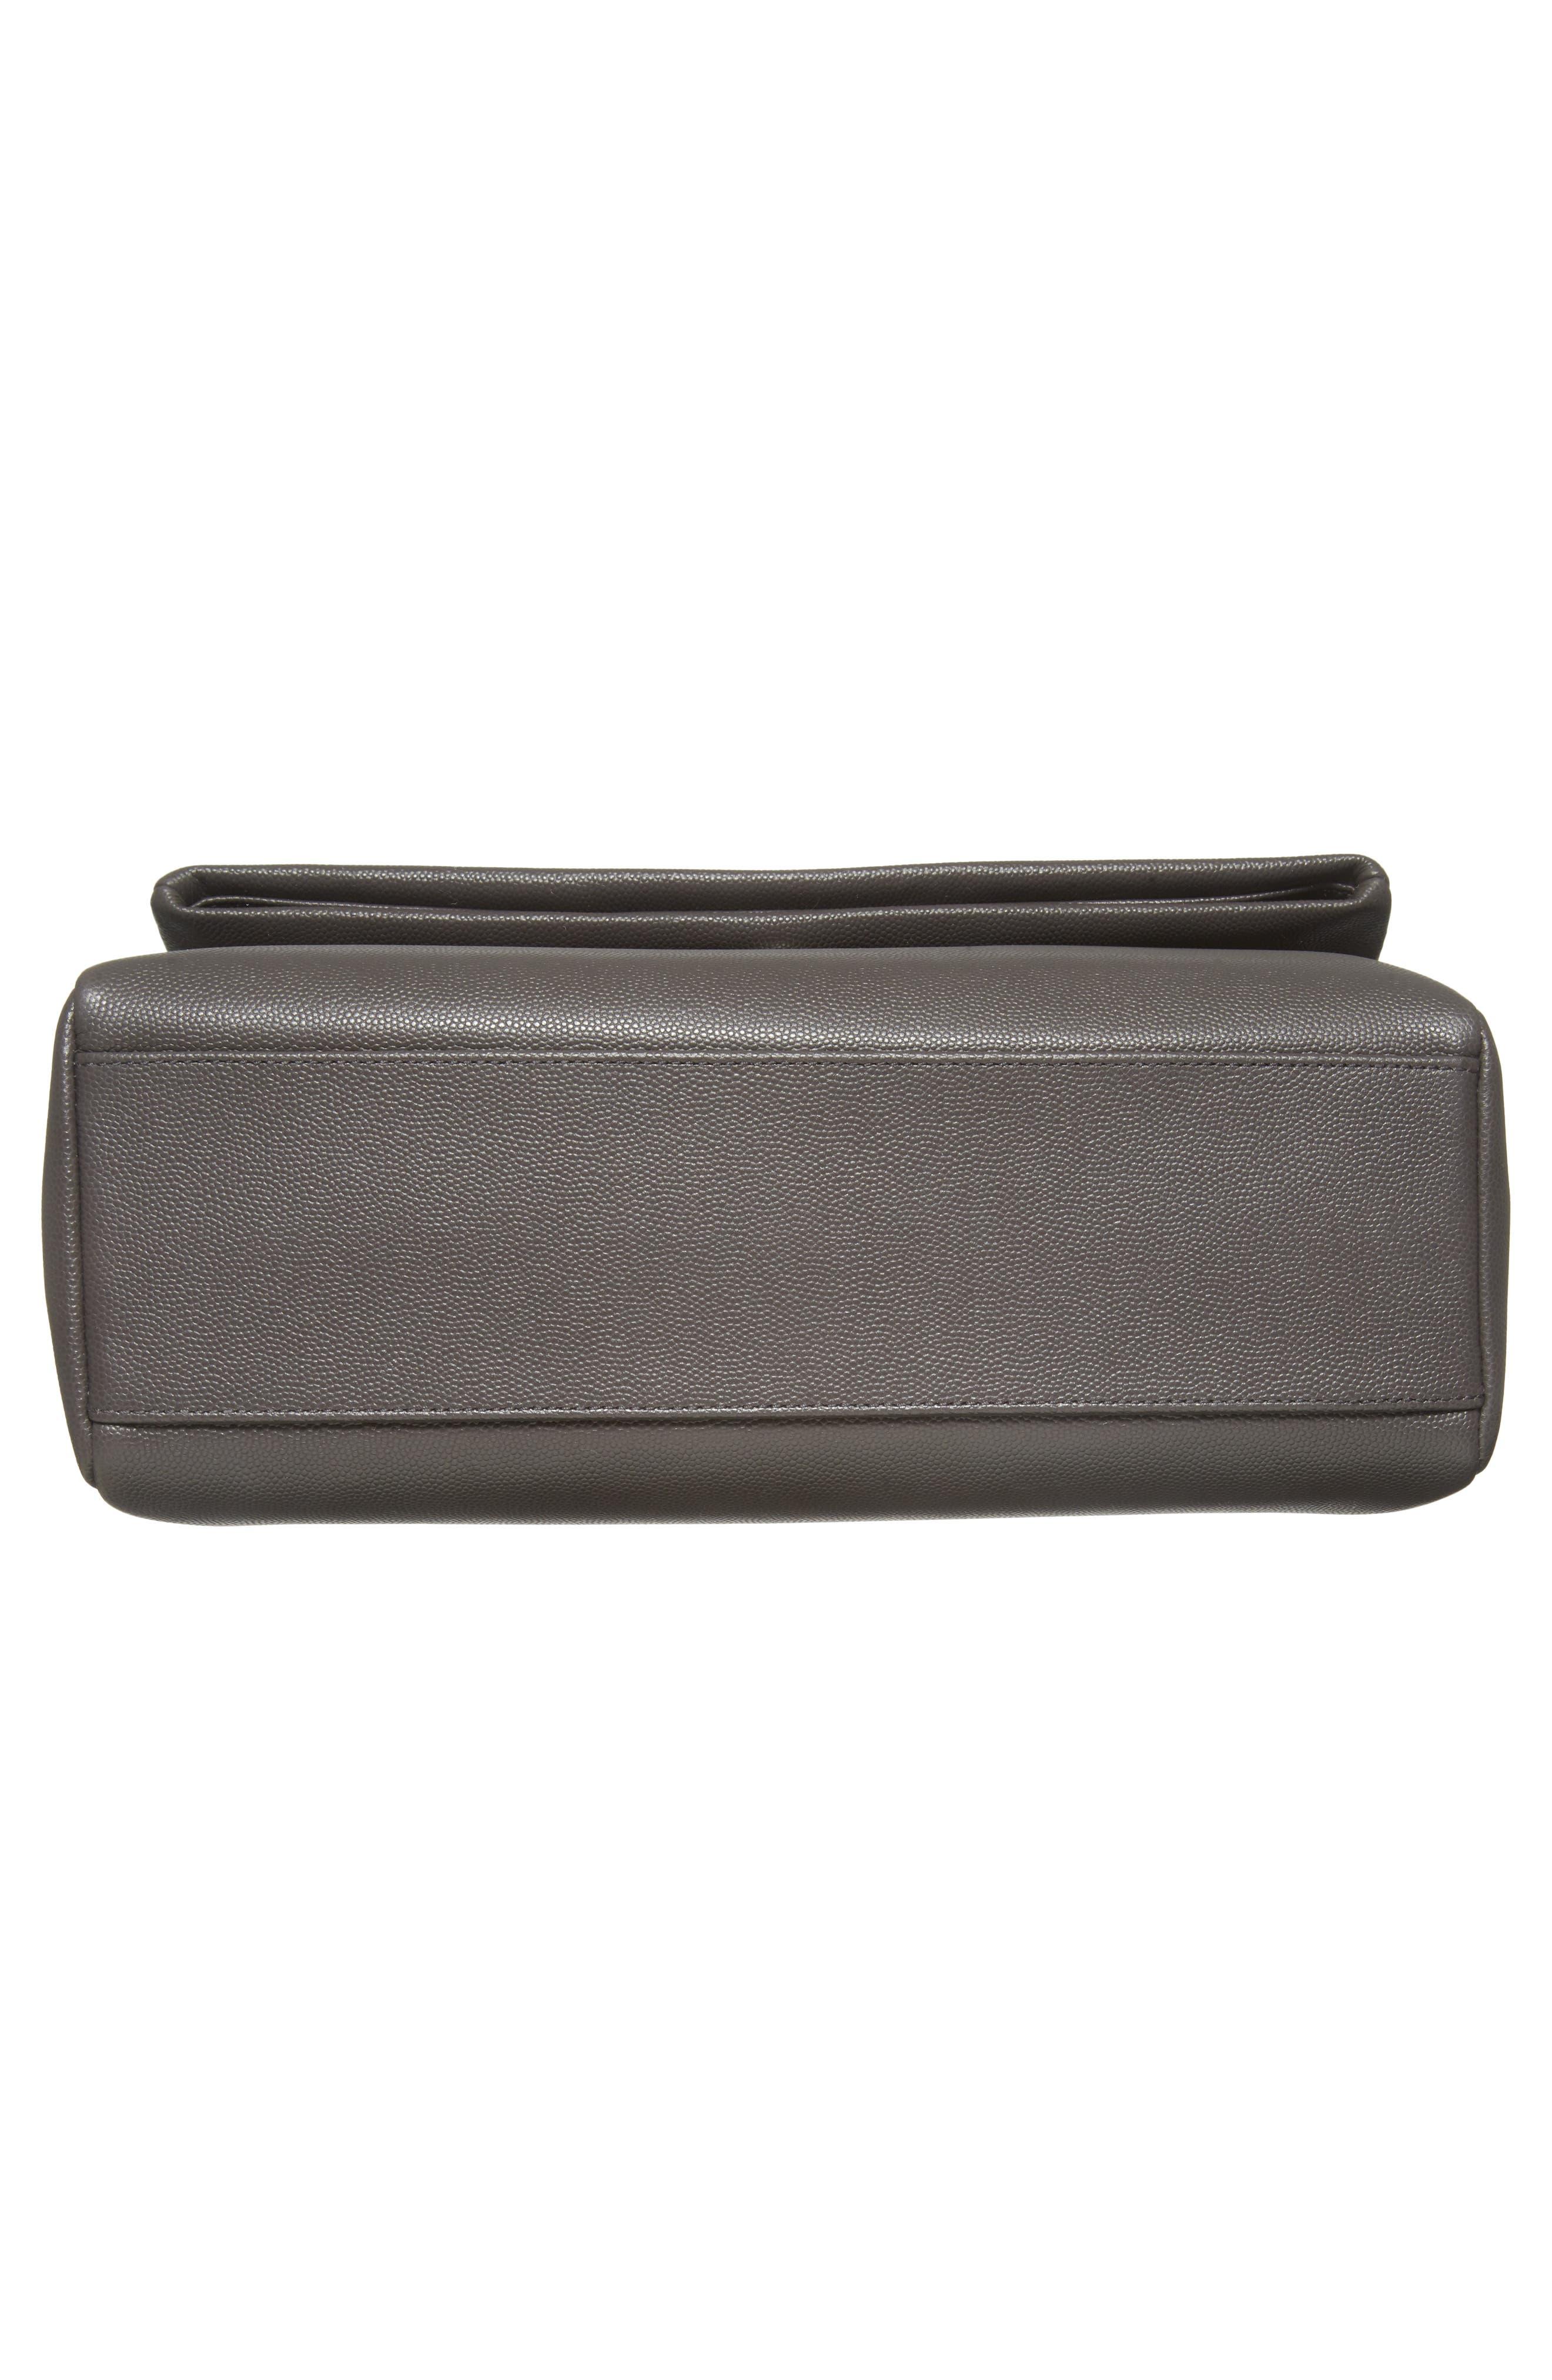 Medium West Hollywood Leather Shoulder Bag,                             Alternate thumbnail 6, color,                             064